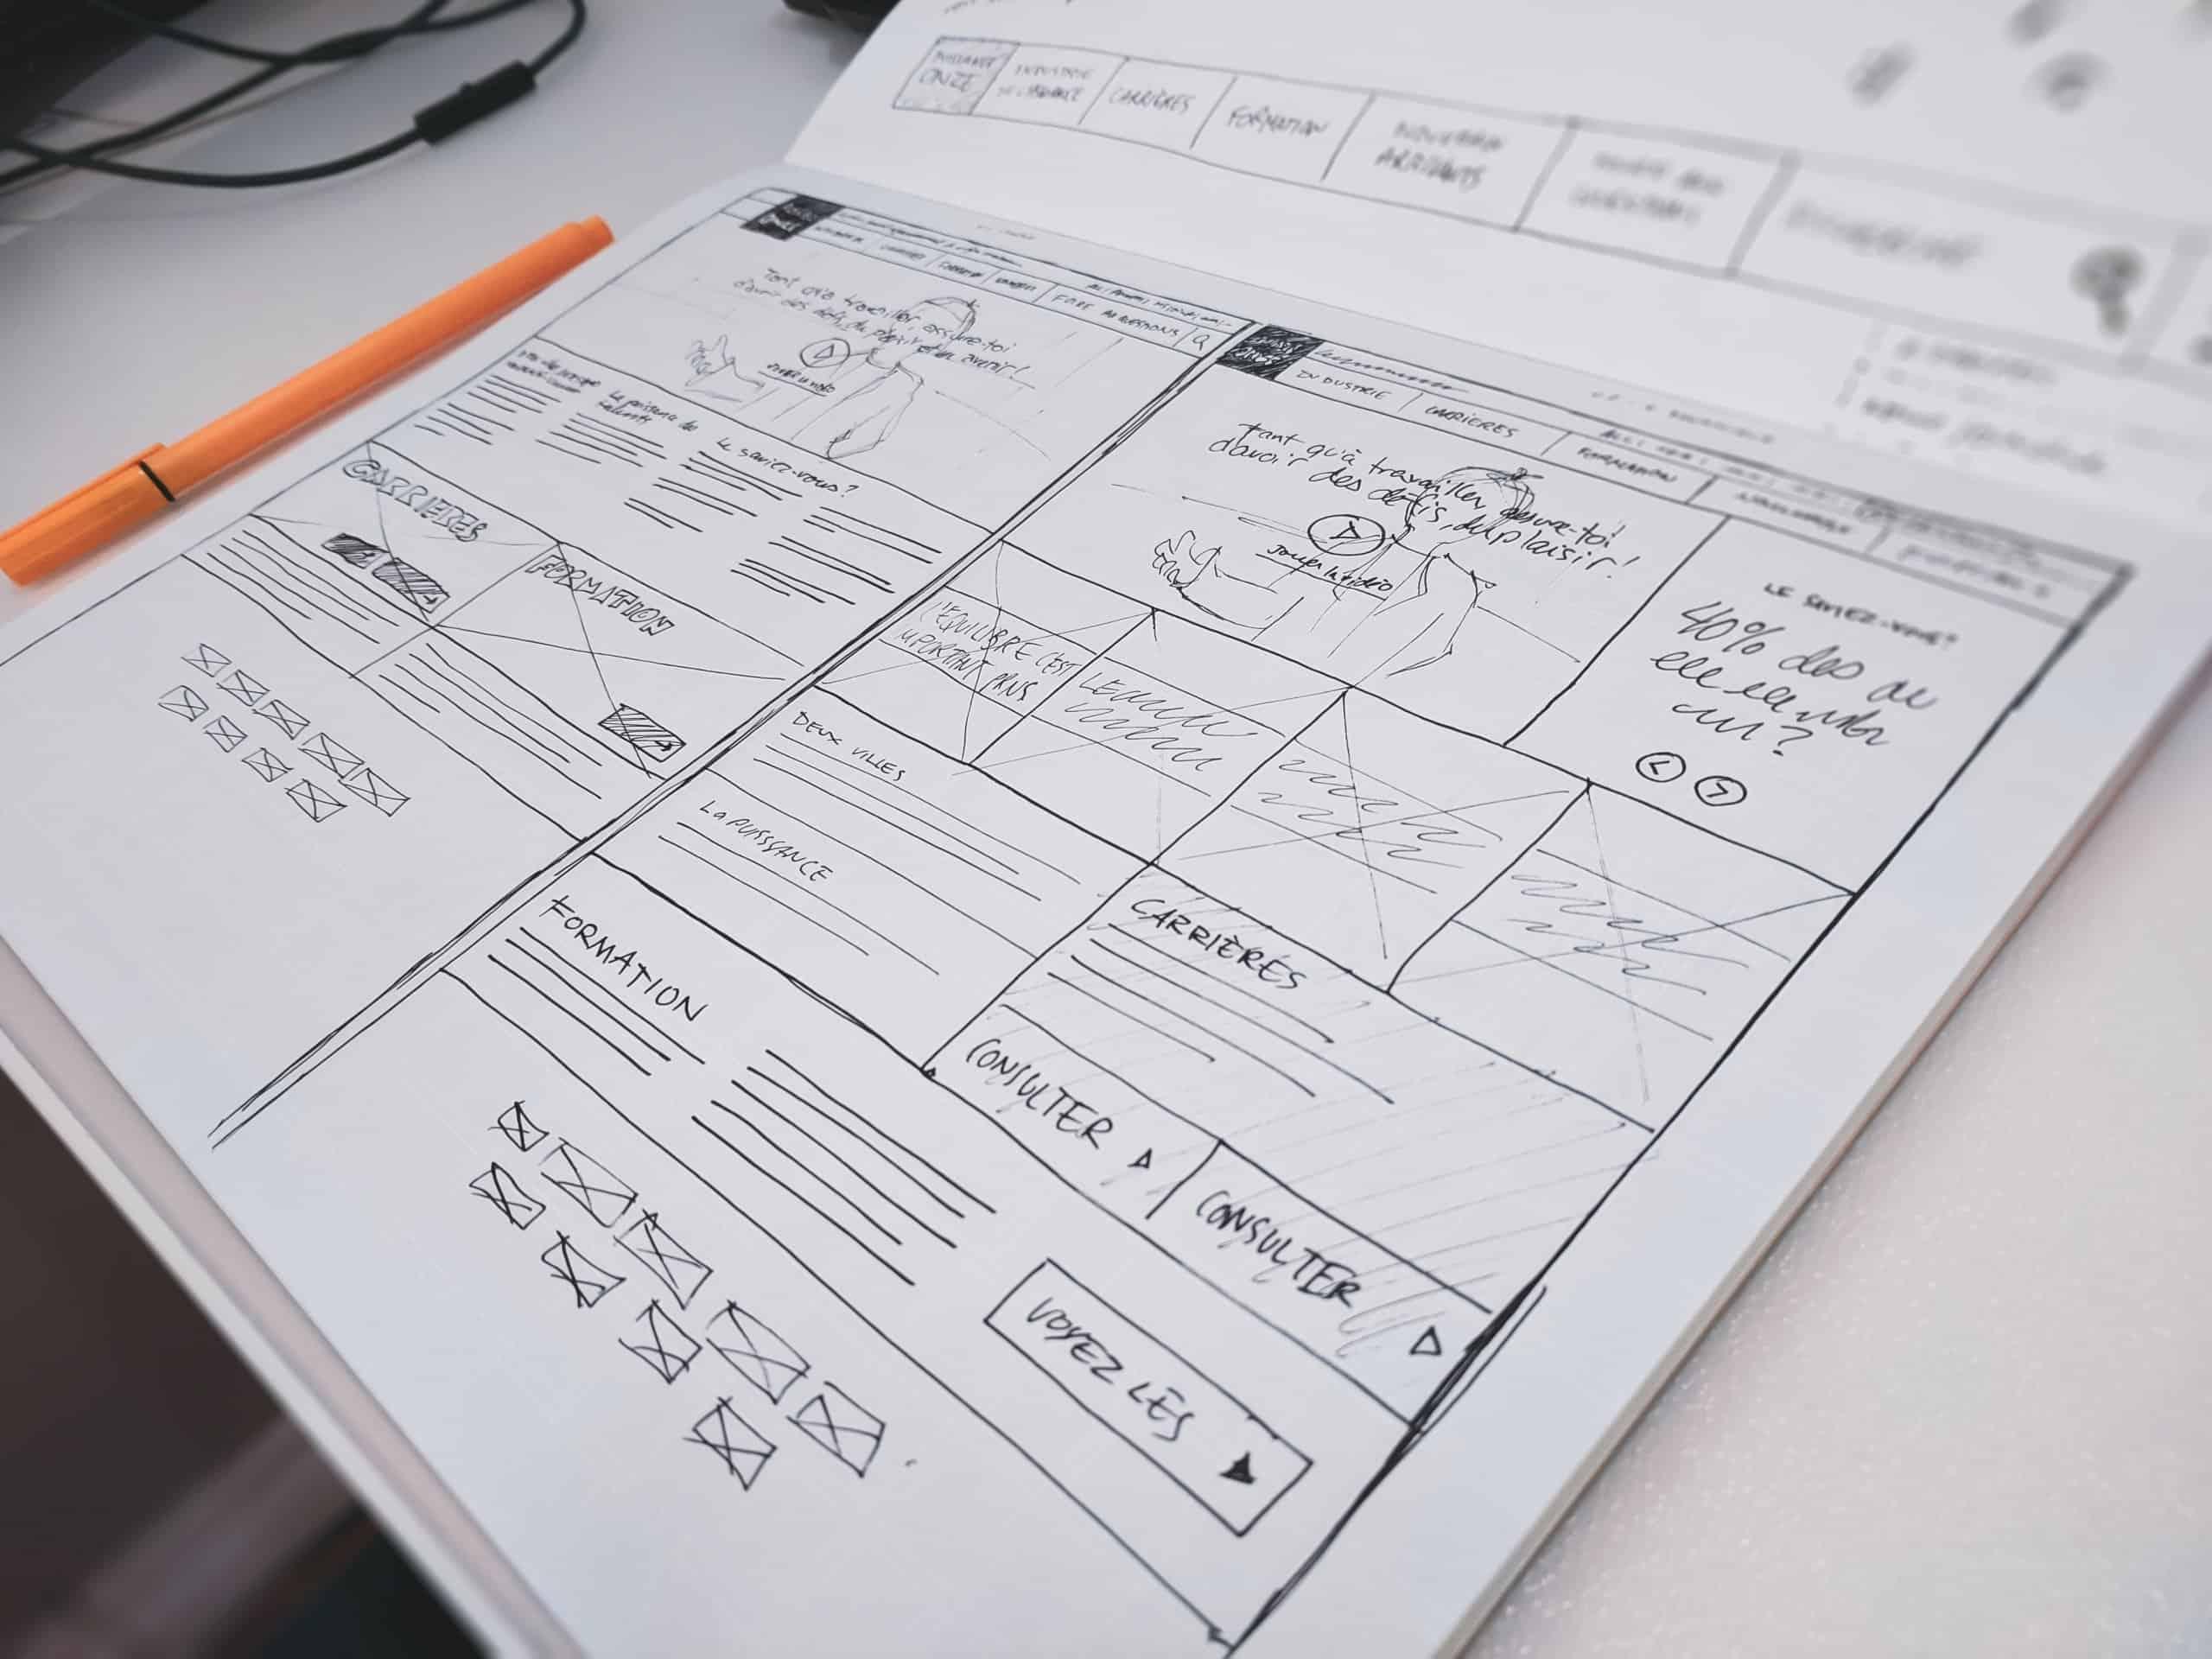 Should you hire a professional web designer